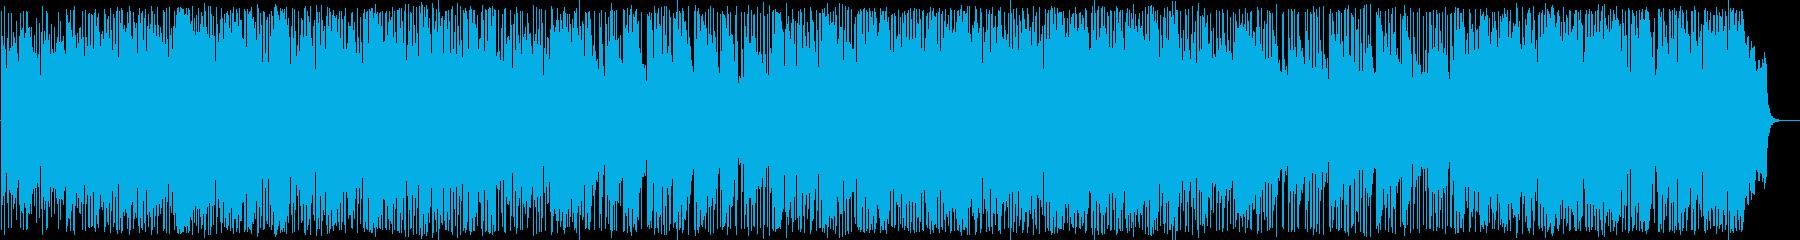 明るいフュージョン風のインスト曲の再生済みの波形